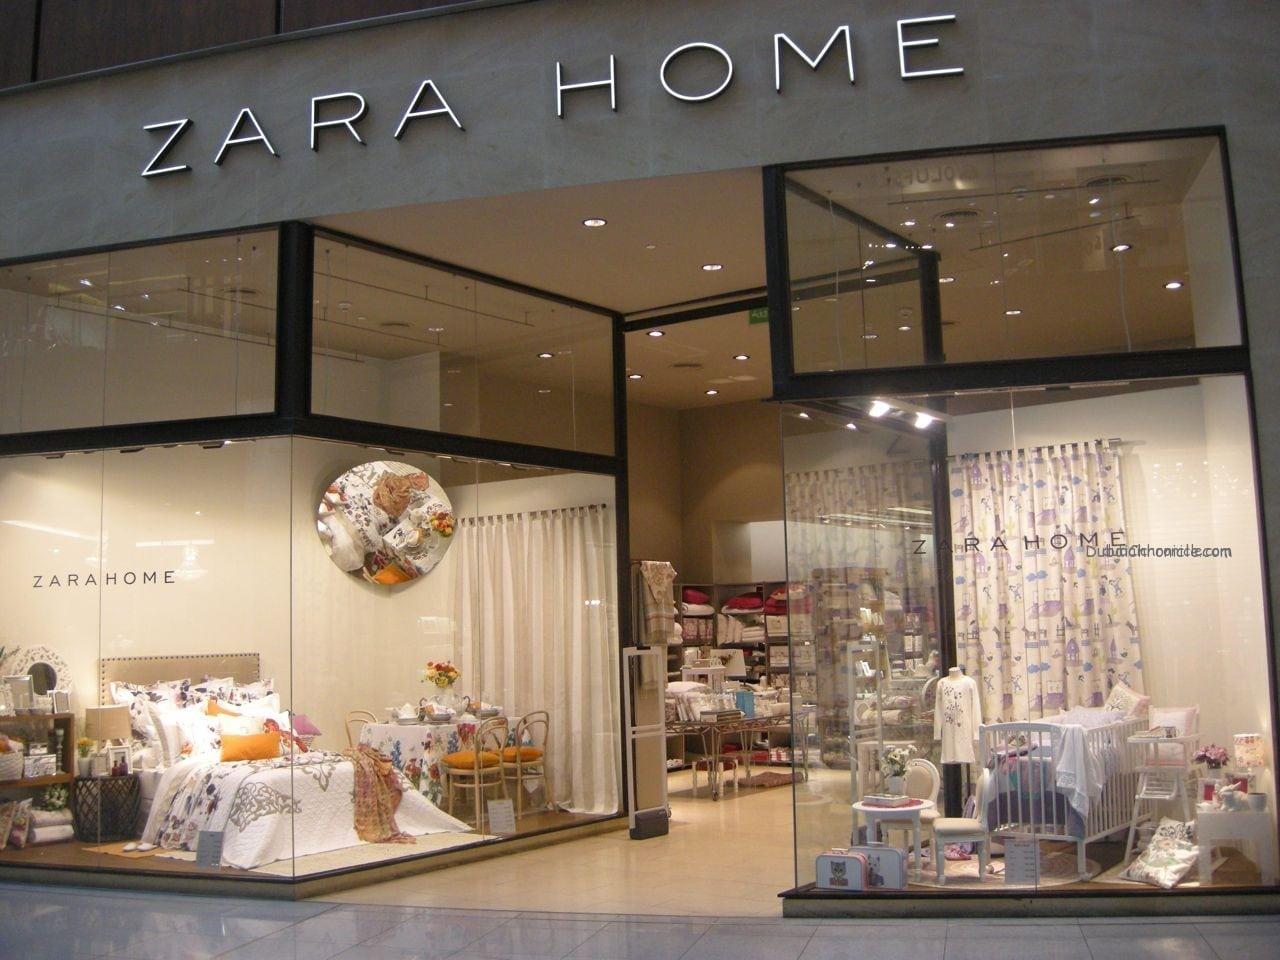 Zara home to open in toronto - Zara Home Online Shopping With Dubai Mall World S Top Lifestyle Destination Also Zara Home Dubai